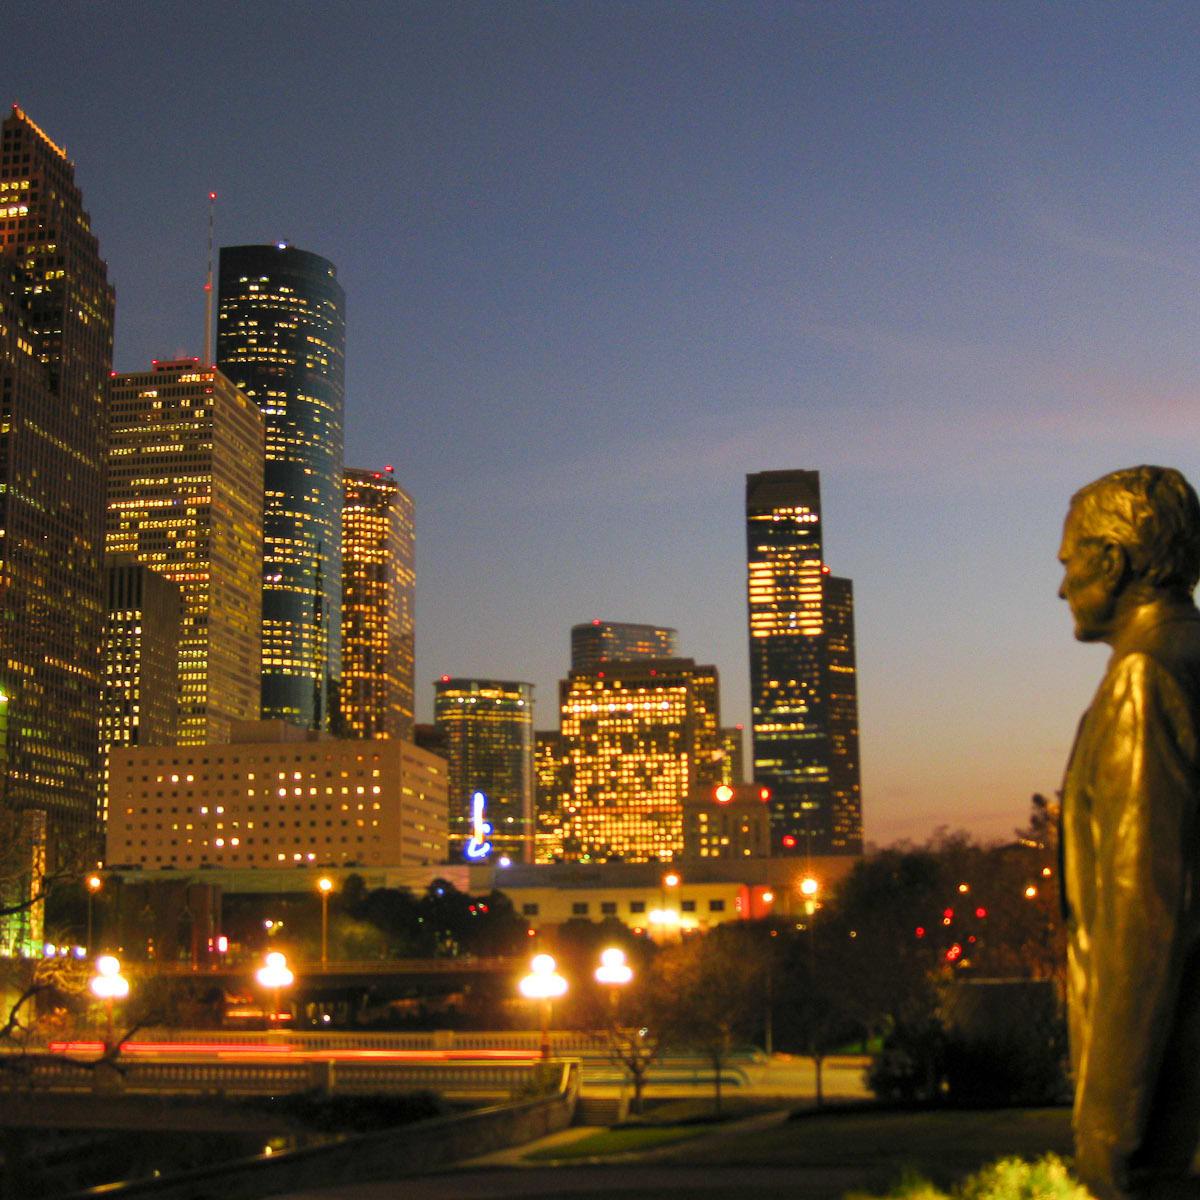 News_Peter Barnes_audio tours_downtown_George Bush_statue